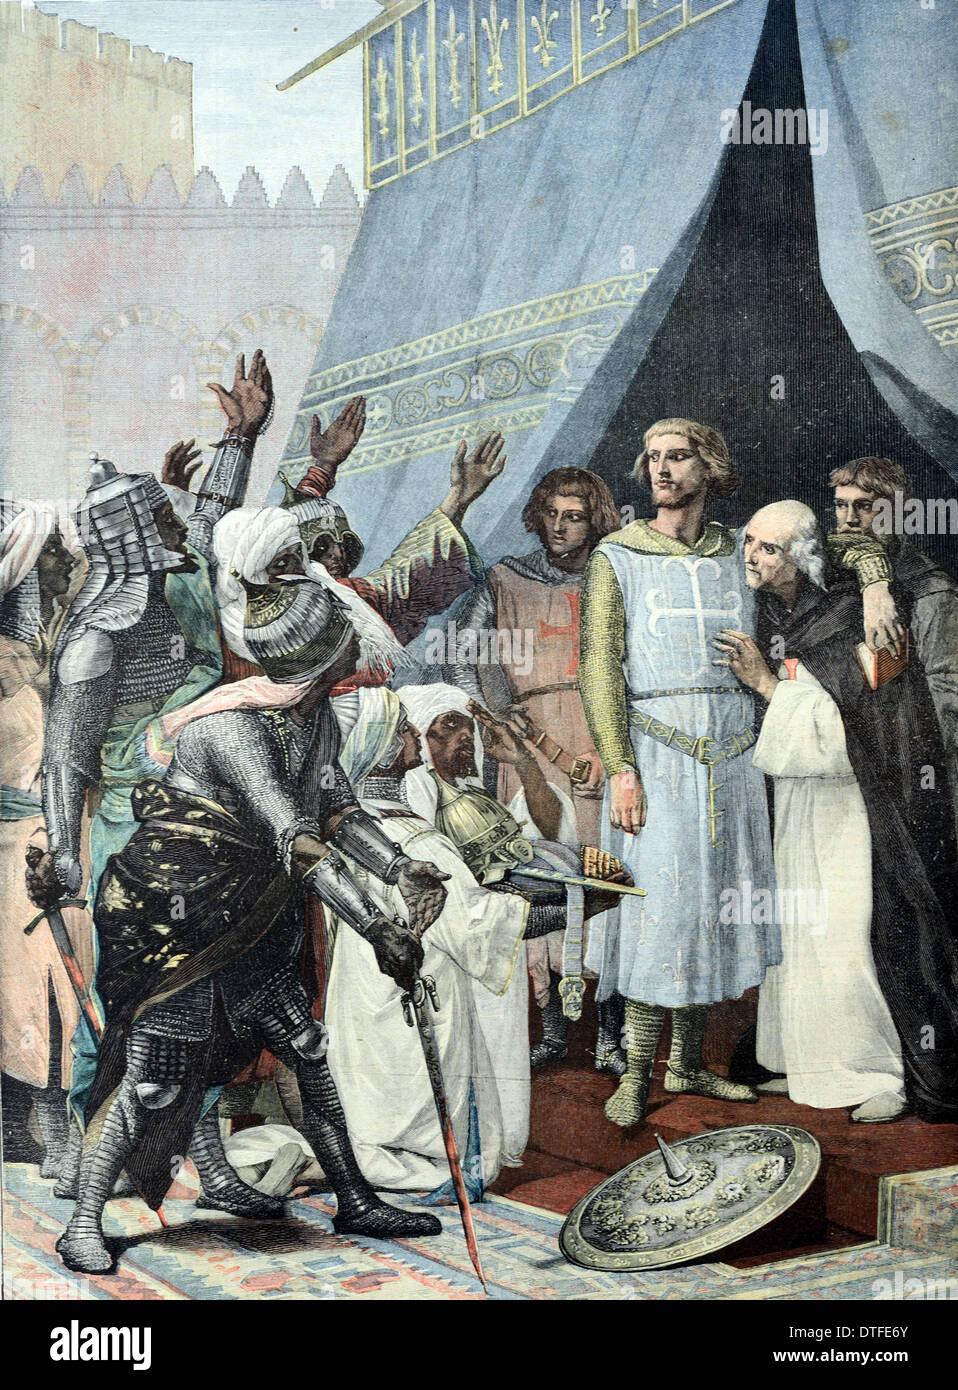 Il re Luigi IX o Saint Louis IX Santa Cattolica & Re di Francia (1214-1270) a Gerusalemme durante la settima crociata (c1248) Foto Stock